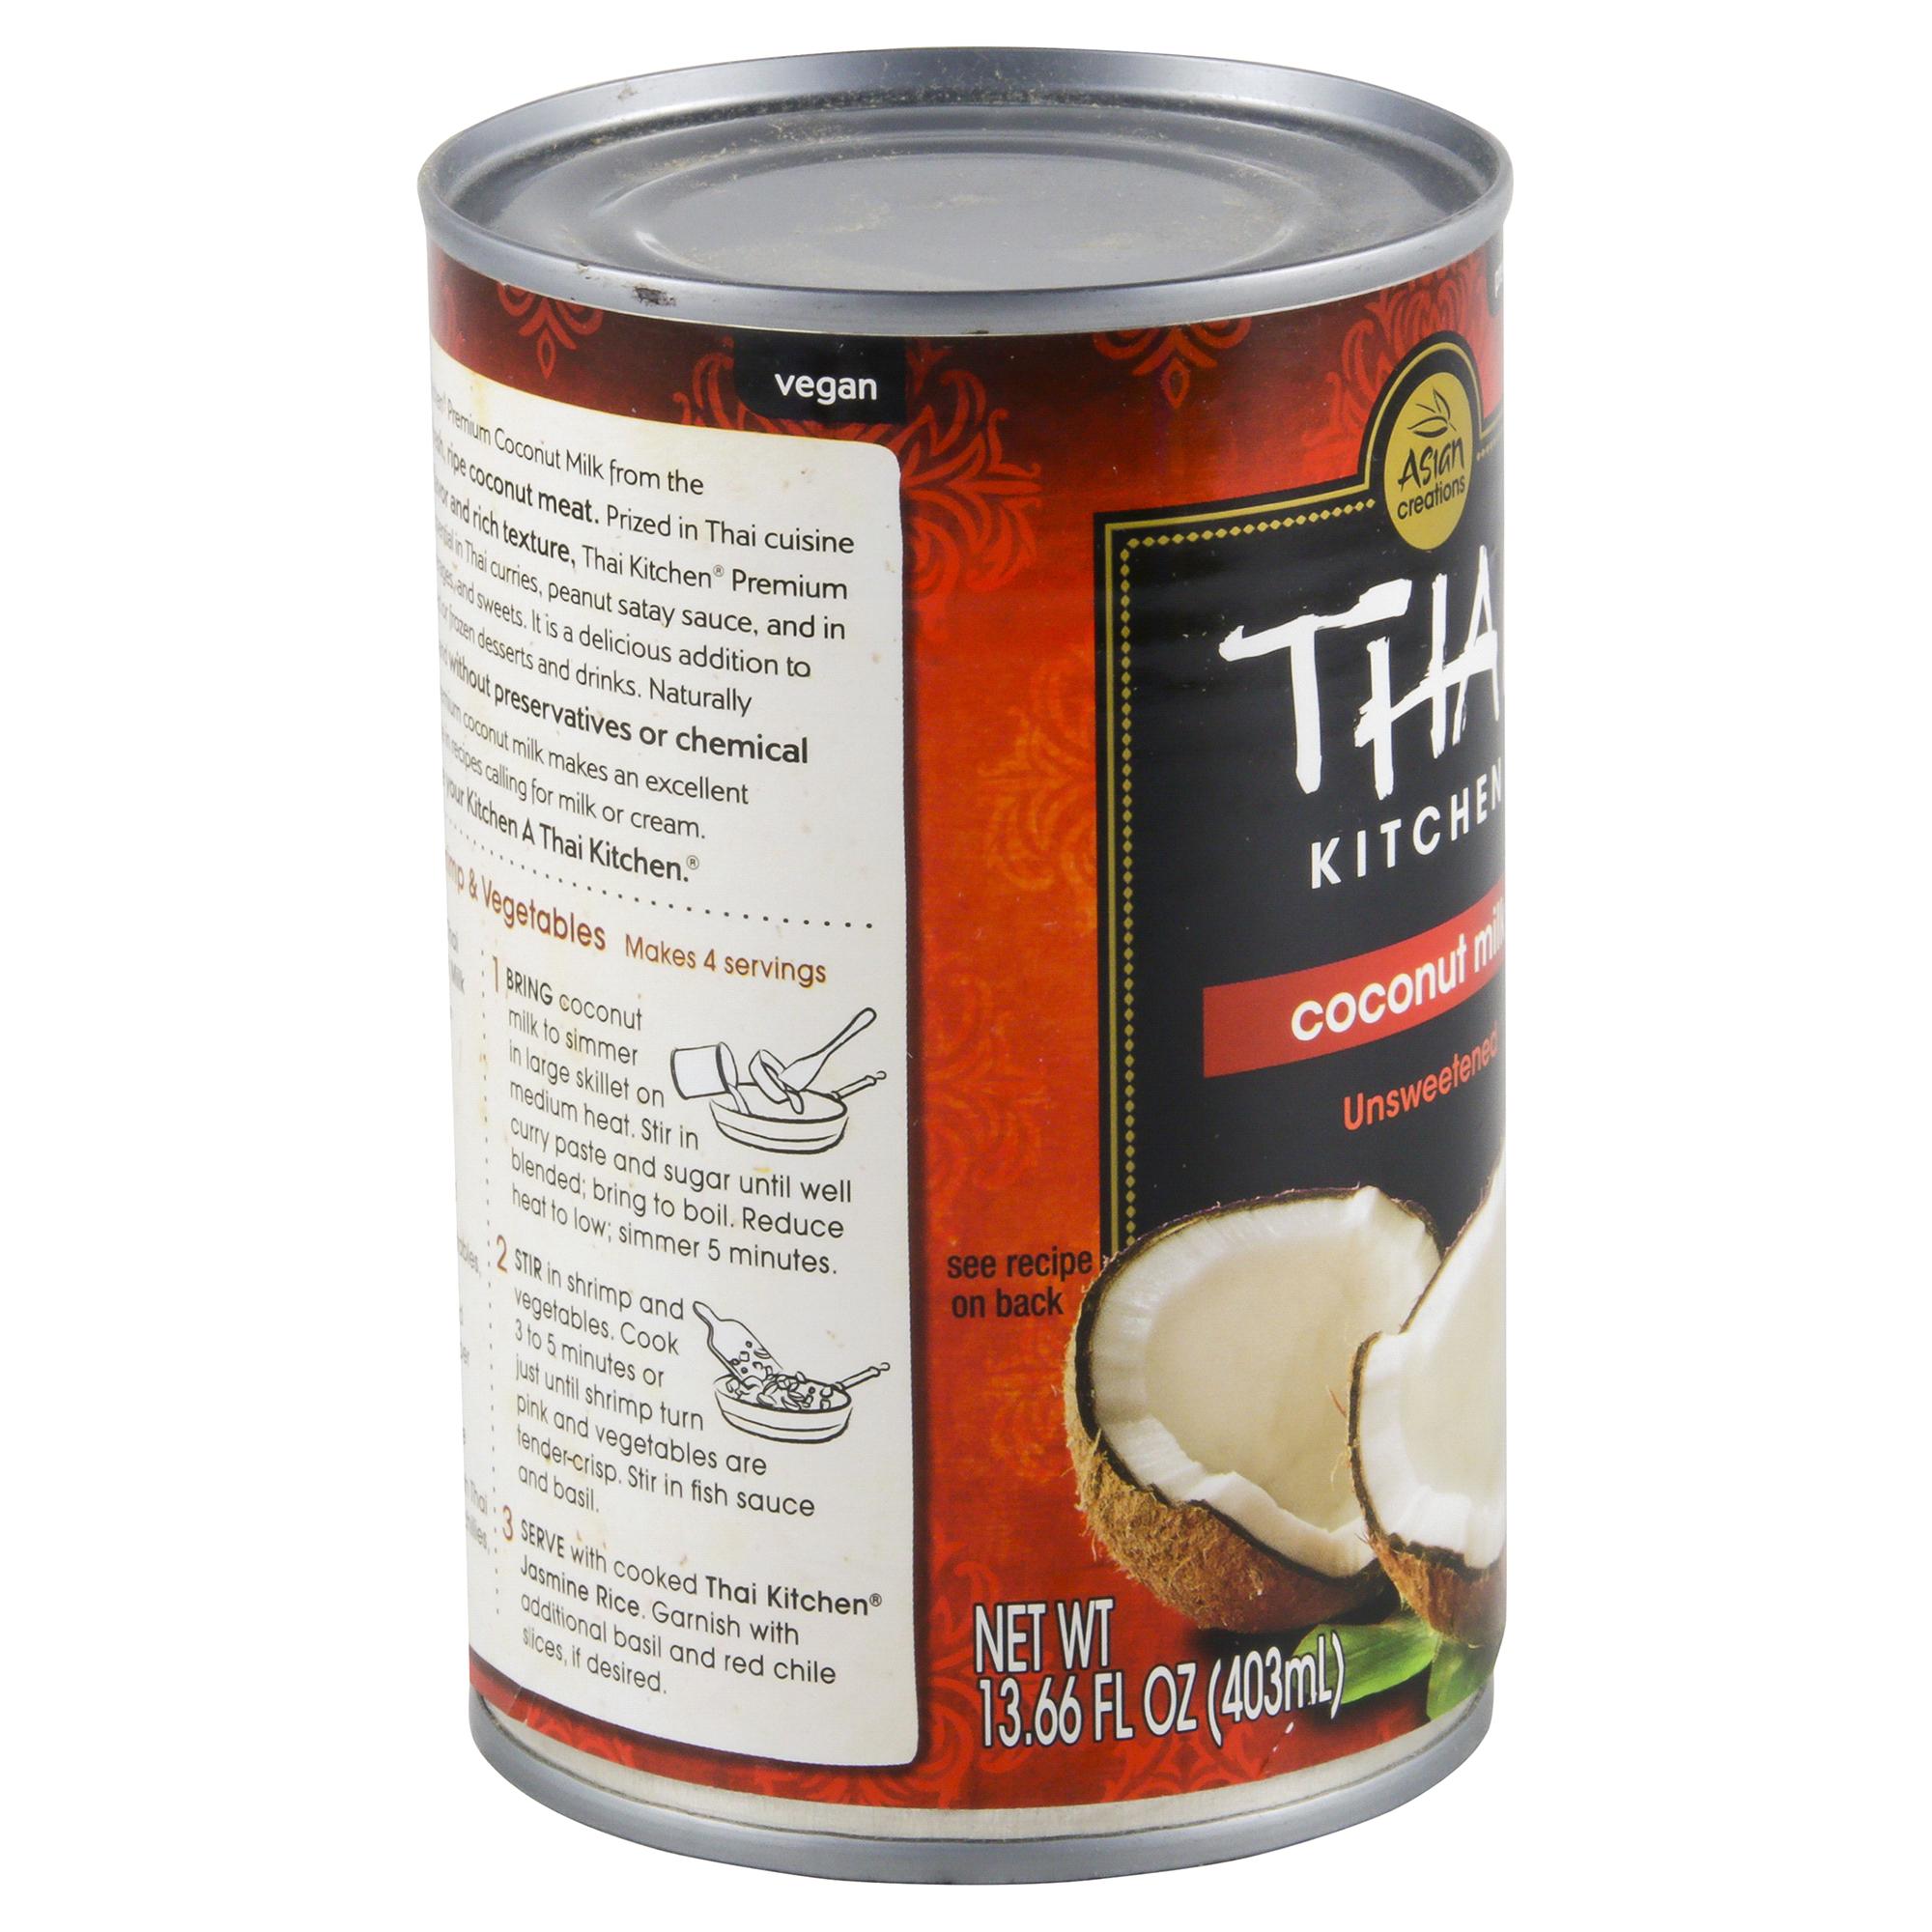 Thai Kitchen Coconut Milk Thai Kitchen Unsweetened Coconut Milk 13.66 Oz  Meijer